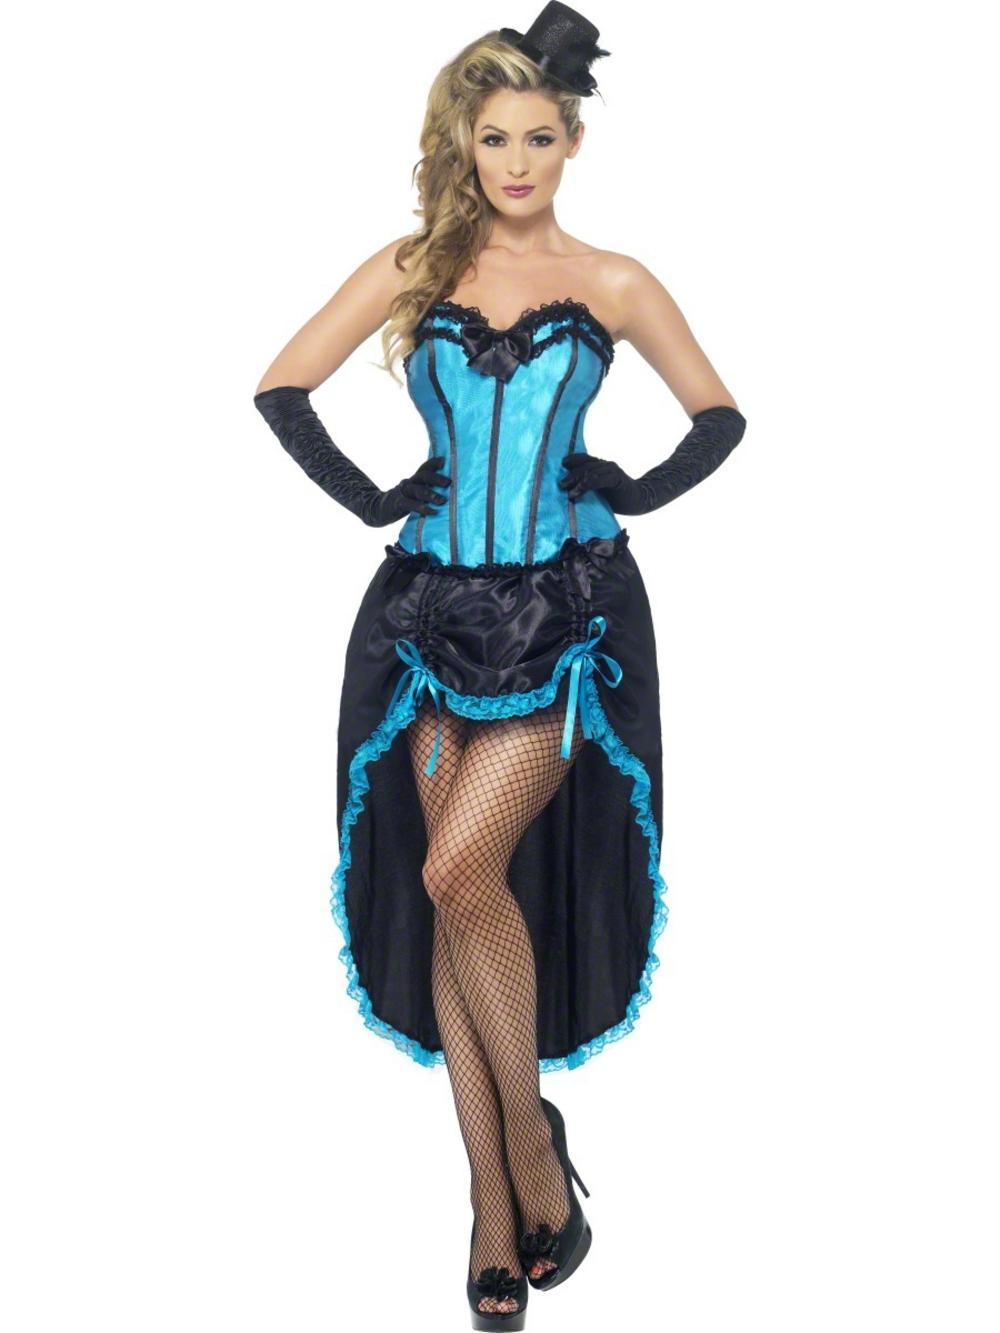 Blue Burlesque Dancer Costume